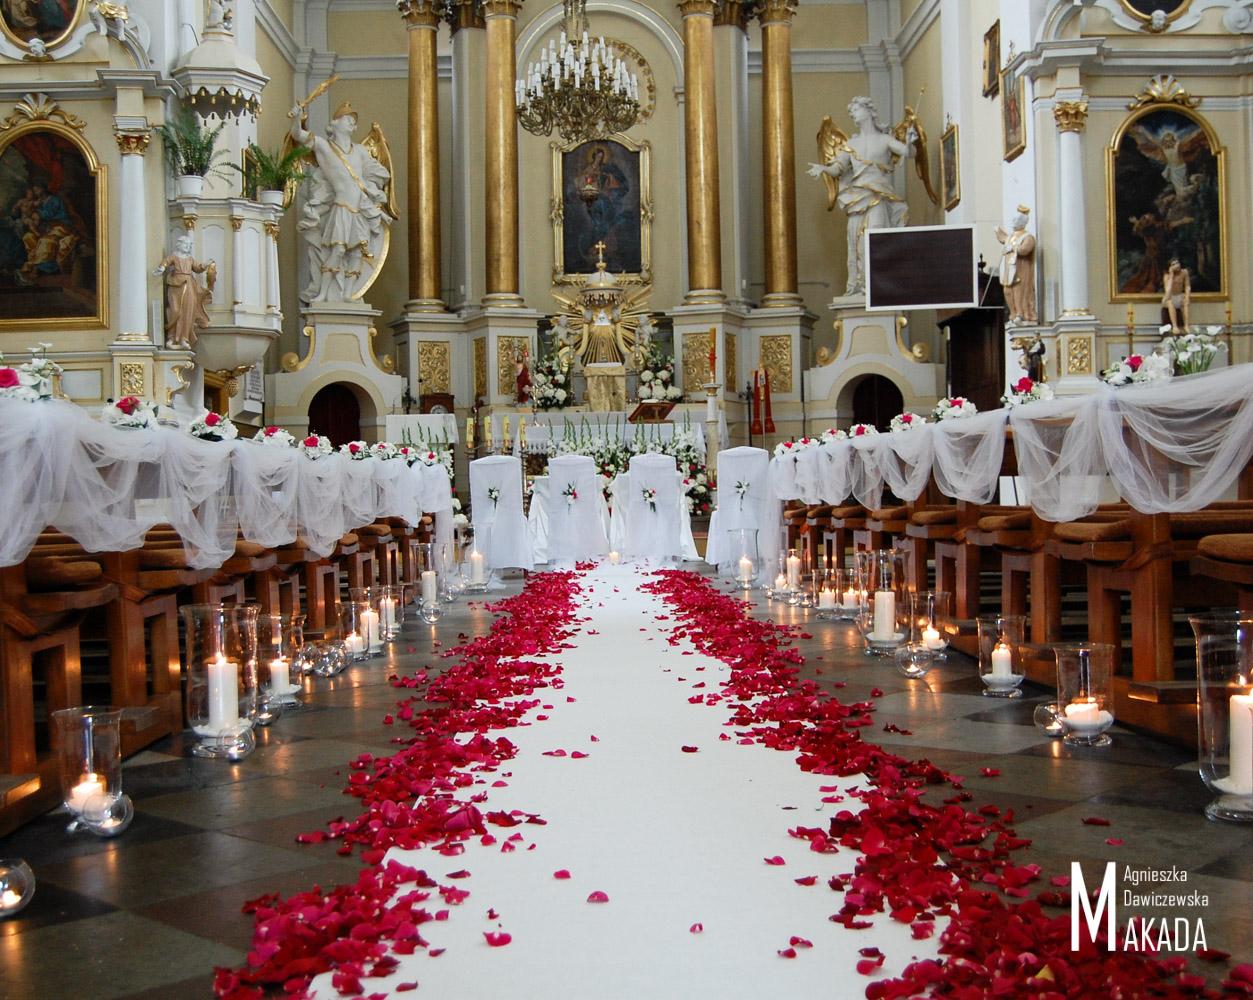 Dekoracja Kościoła Na ślub Kwiaty Na Twój ślub Makada